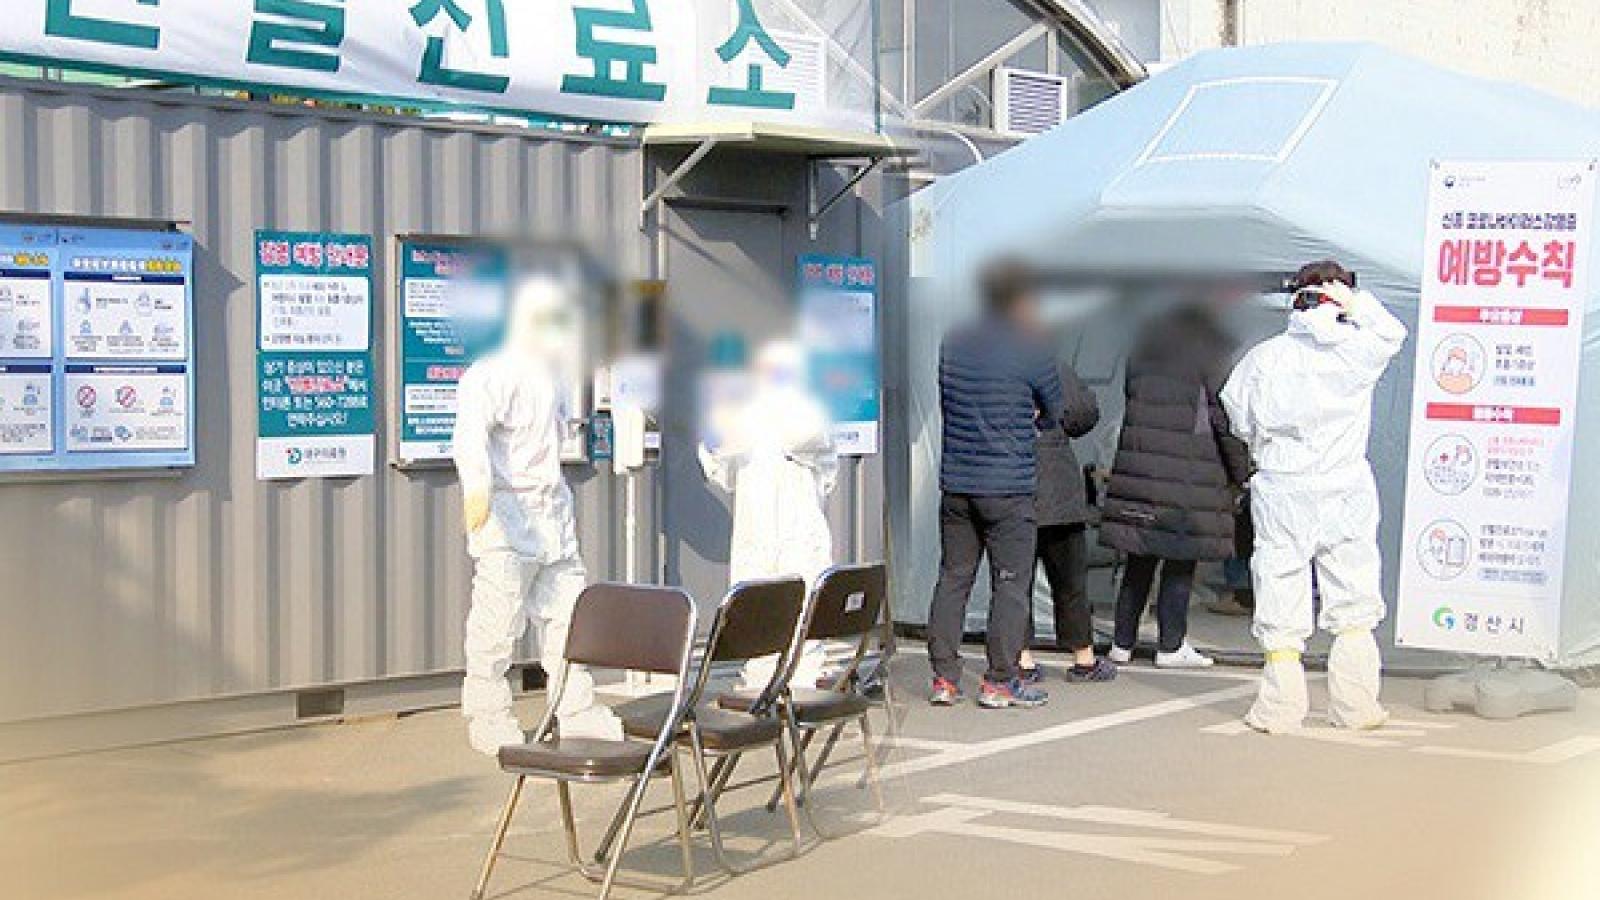 Hàn Quốc ghi nhận số ca lây nhiễm Covid-19 theo ngày cao nhất sau 5 tháng